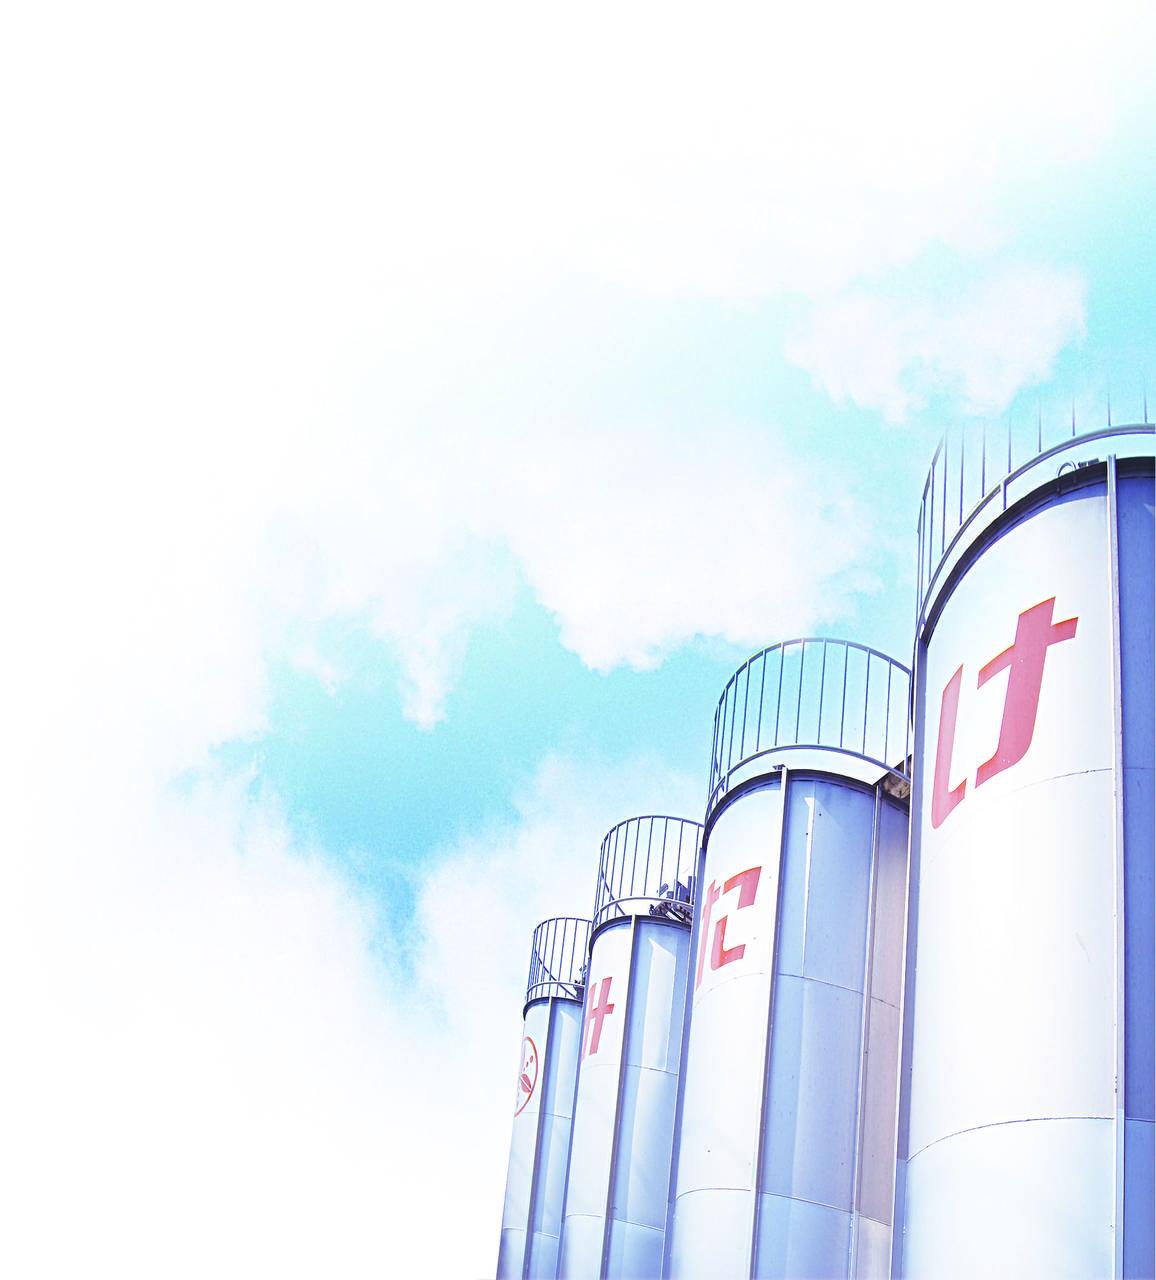 きな粉生産量日本一、グルテンフリーの米粉パウダーで世界へ!【みたけ食品工業株式会社】